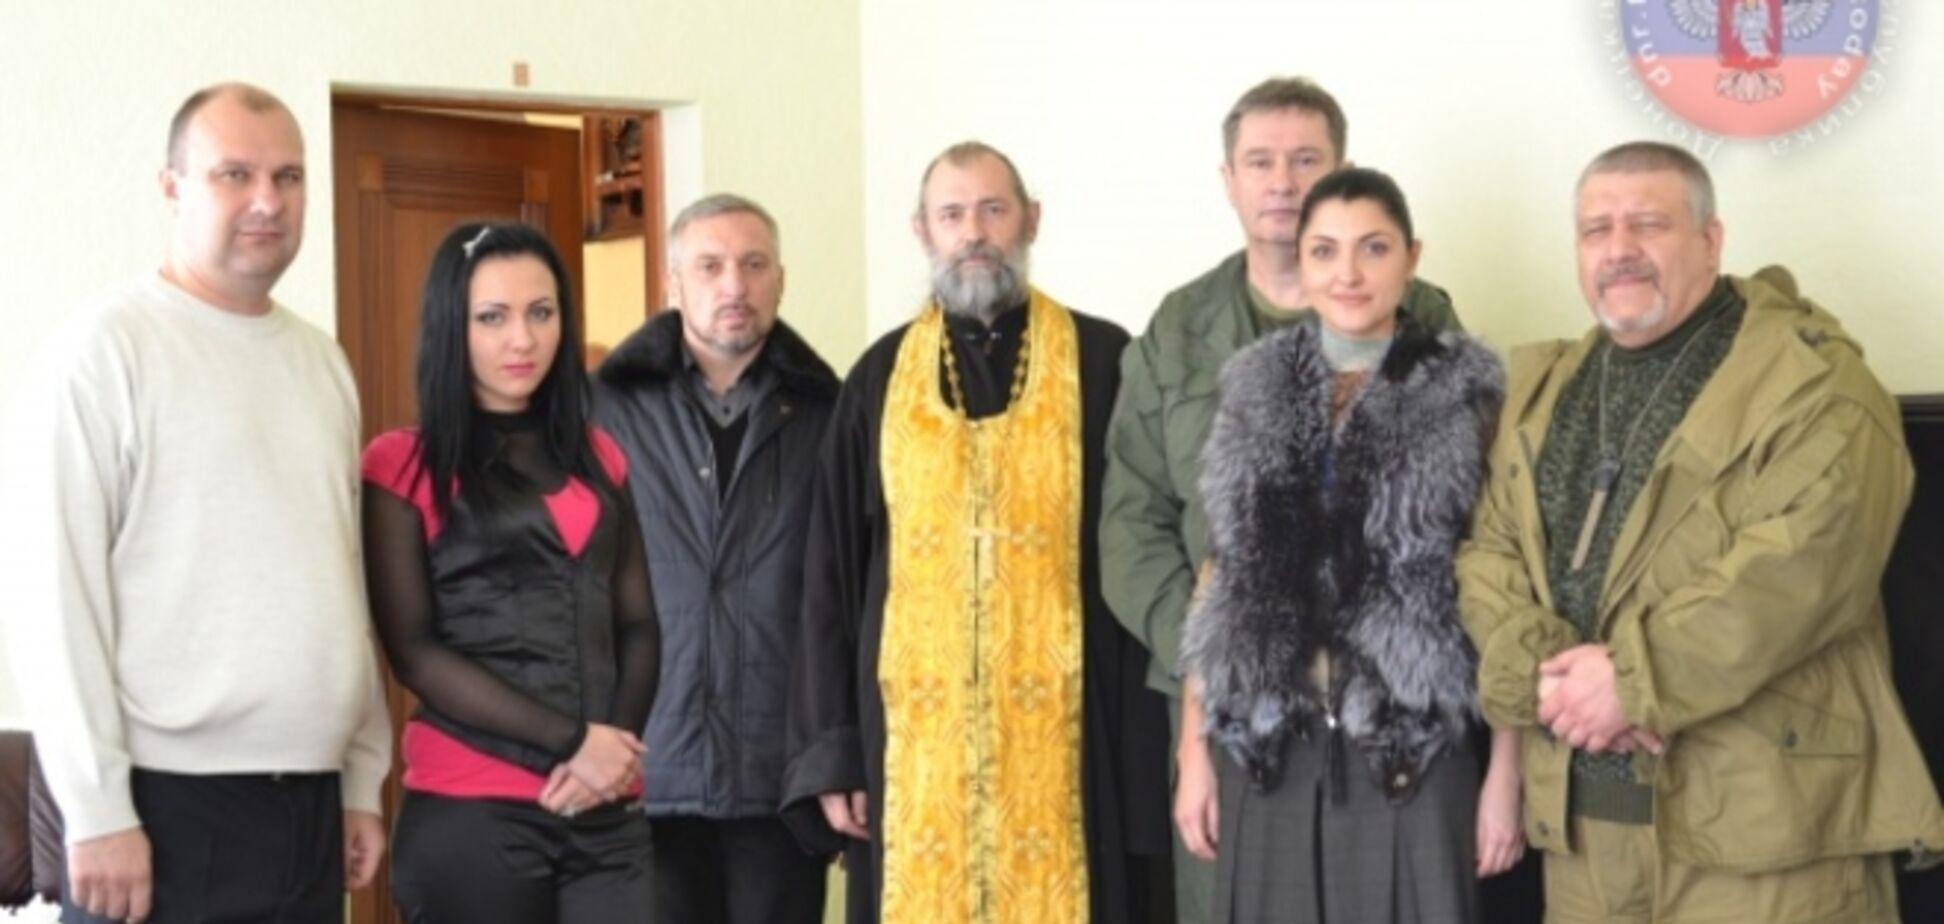 Московское православие: священник УПЦ МП освятил 'верховный суд' и 'генпрокуратуру' 'ДНР'